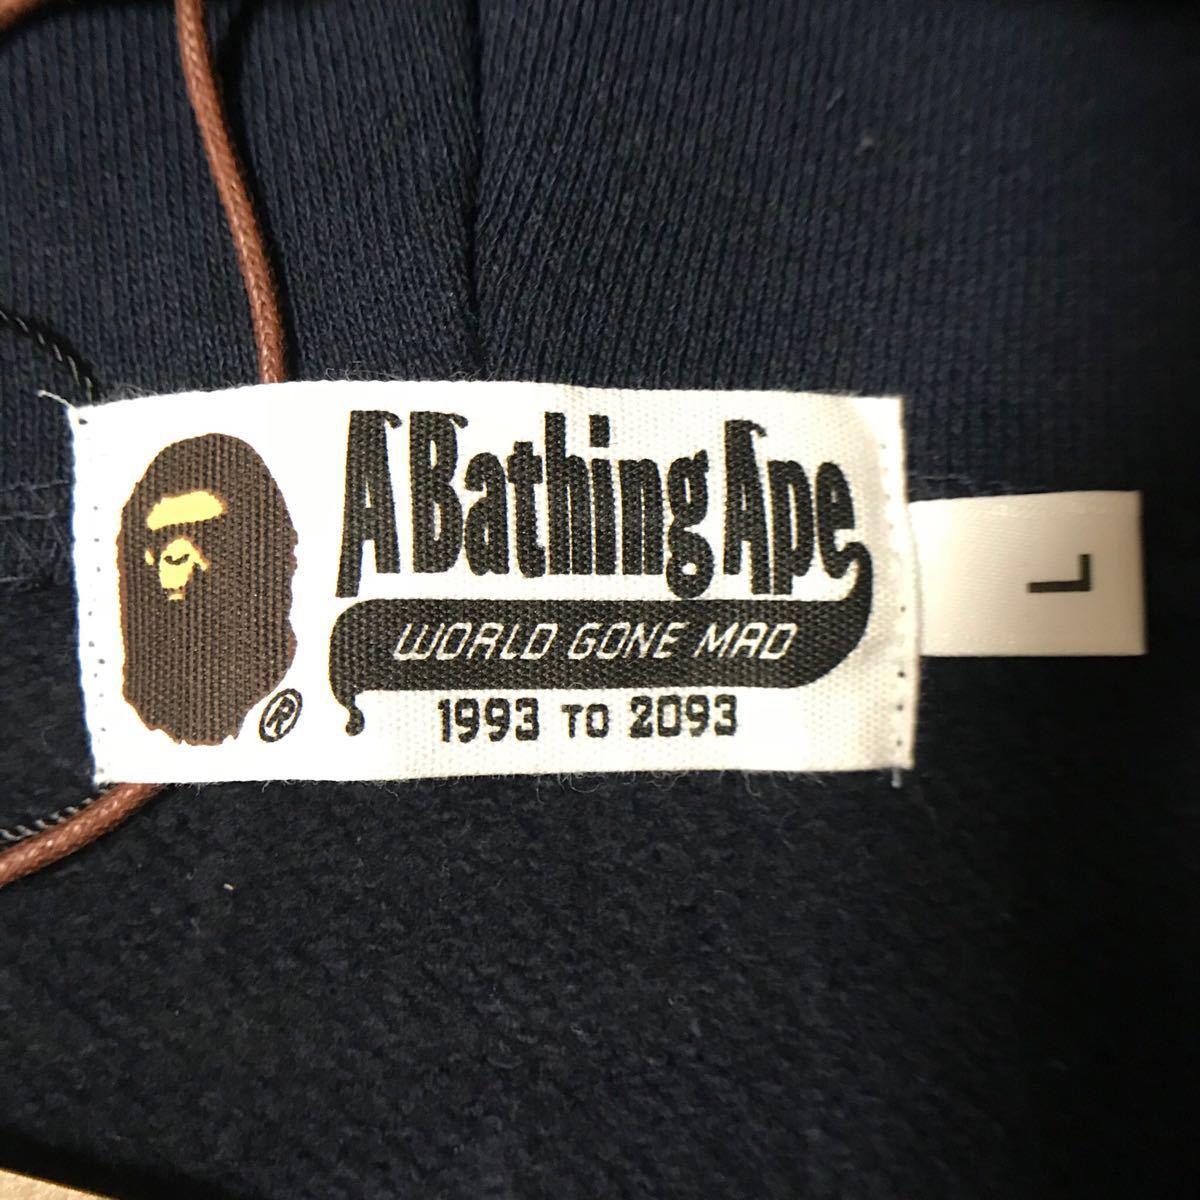 ★新品★ ベアブリック シャーク パーカー L shark full zip hoodie a bathing ape bape エイプ ベイプ medicom toy メディコムトイ WGM_画像7